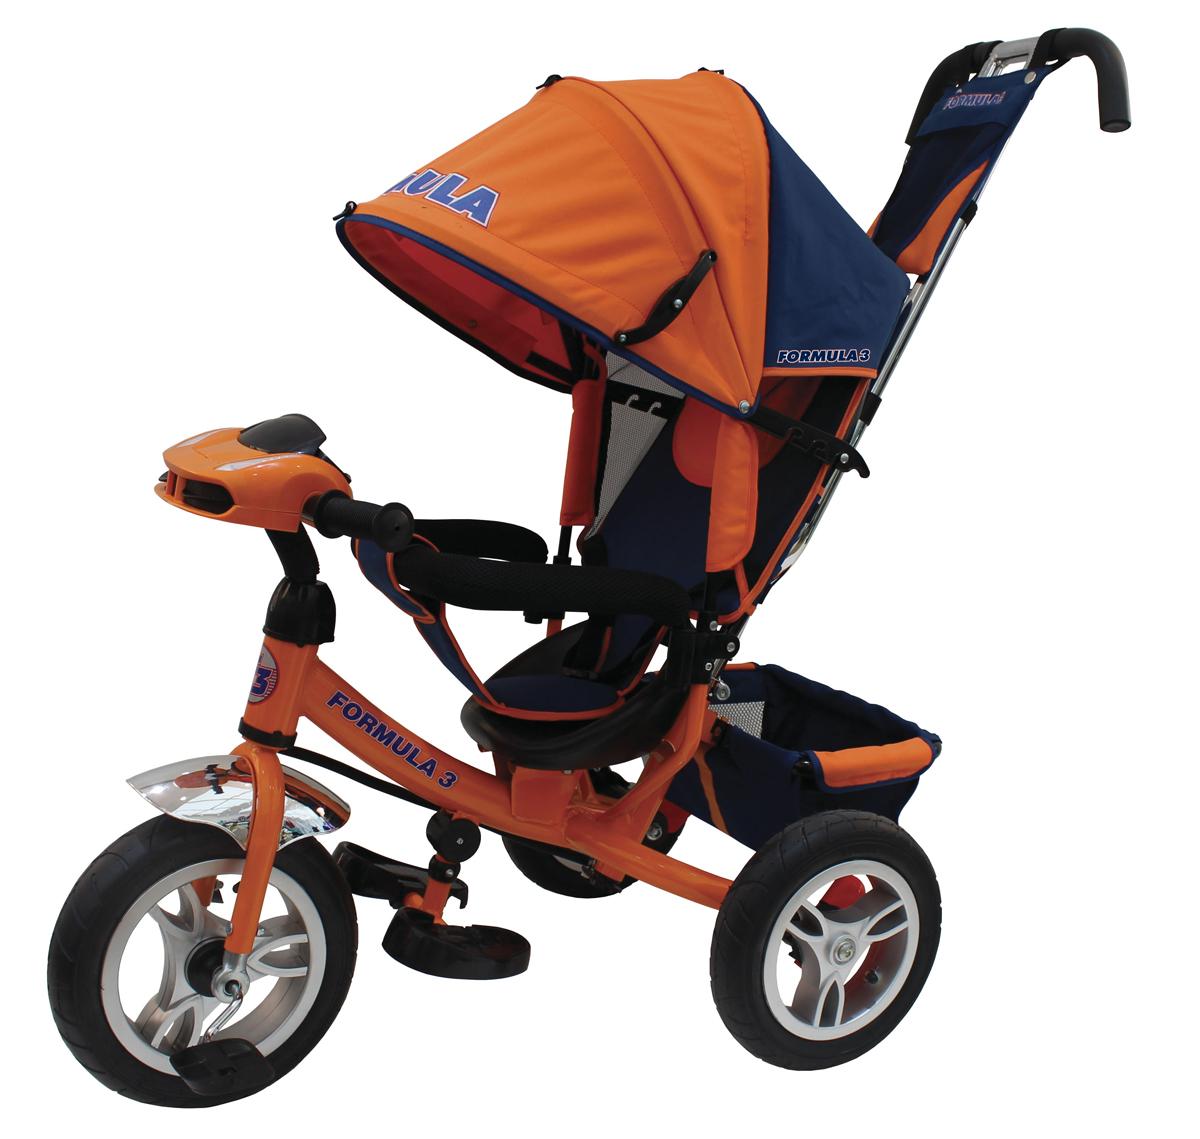 Велосипед 3-х колесный с ручным управлением цвет оранжевый, фара со световыми и звуковыми эффектами холостой ход переднего колеса, тормоз, наклонная спинка, колясочная крыша, сумка, надувные колеса 12